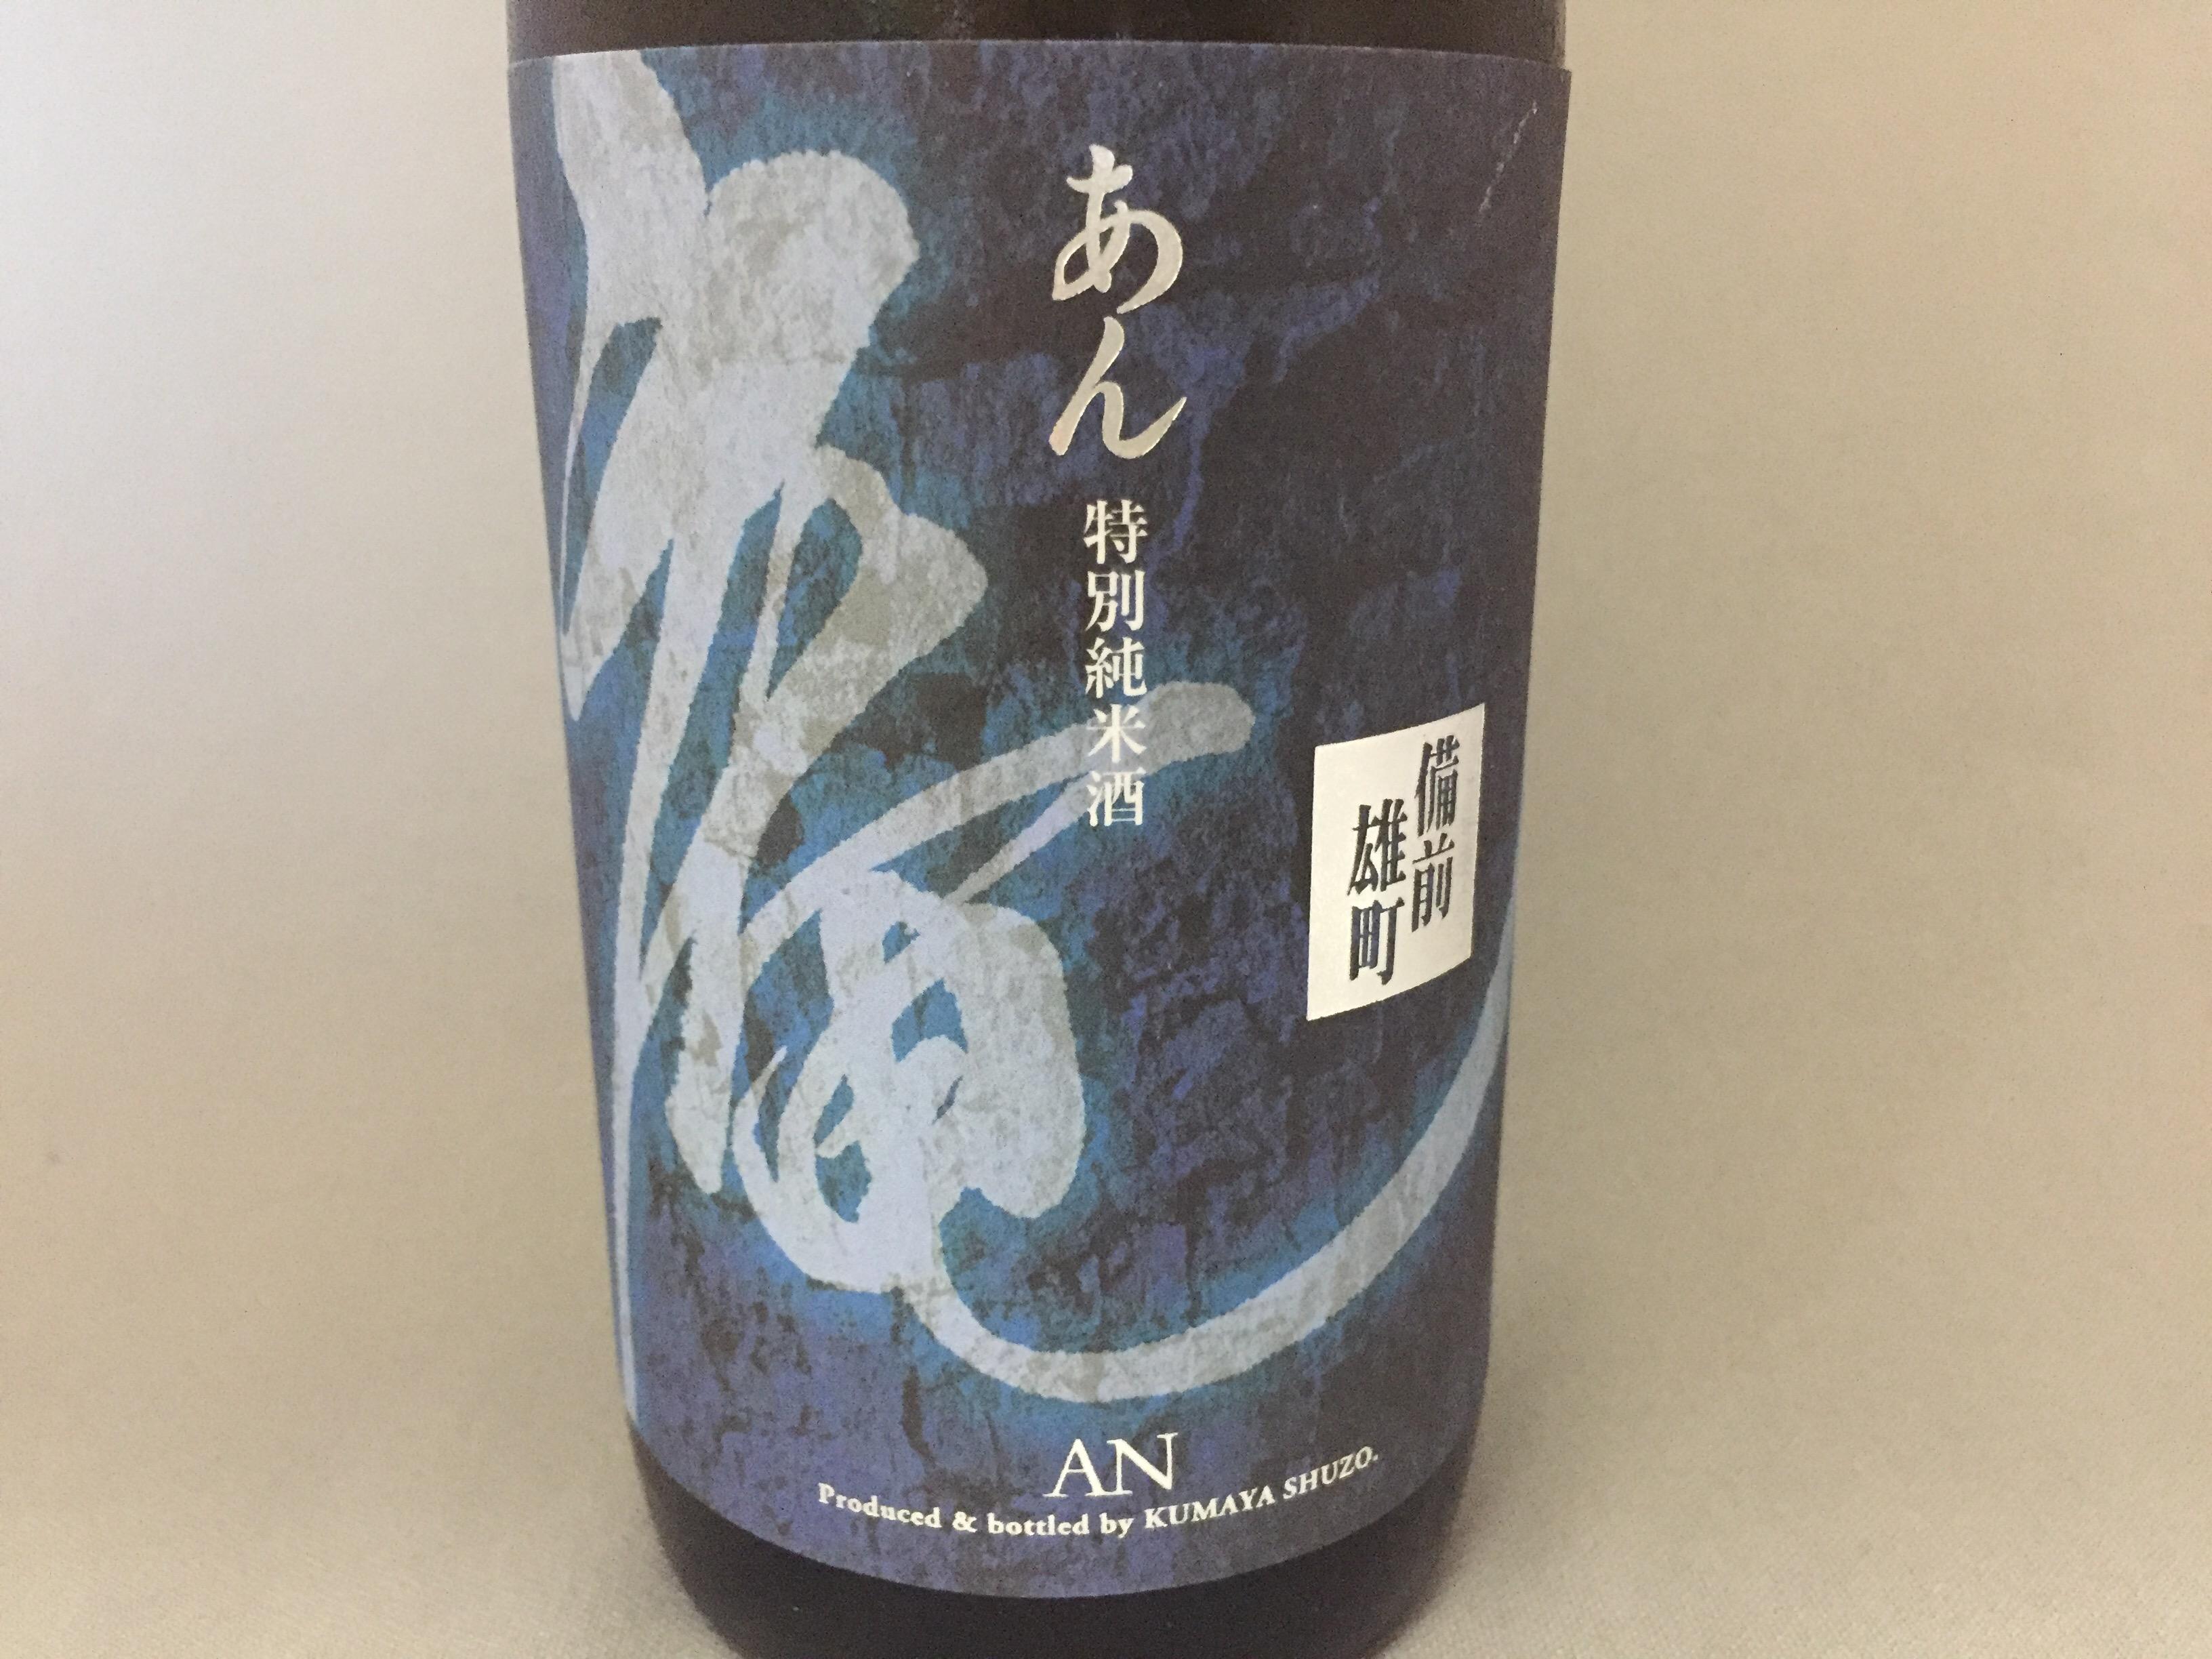 日本最古の酒米が醸す芯の強い後味 岡山県倉敷の地酒「庵(あん)」